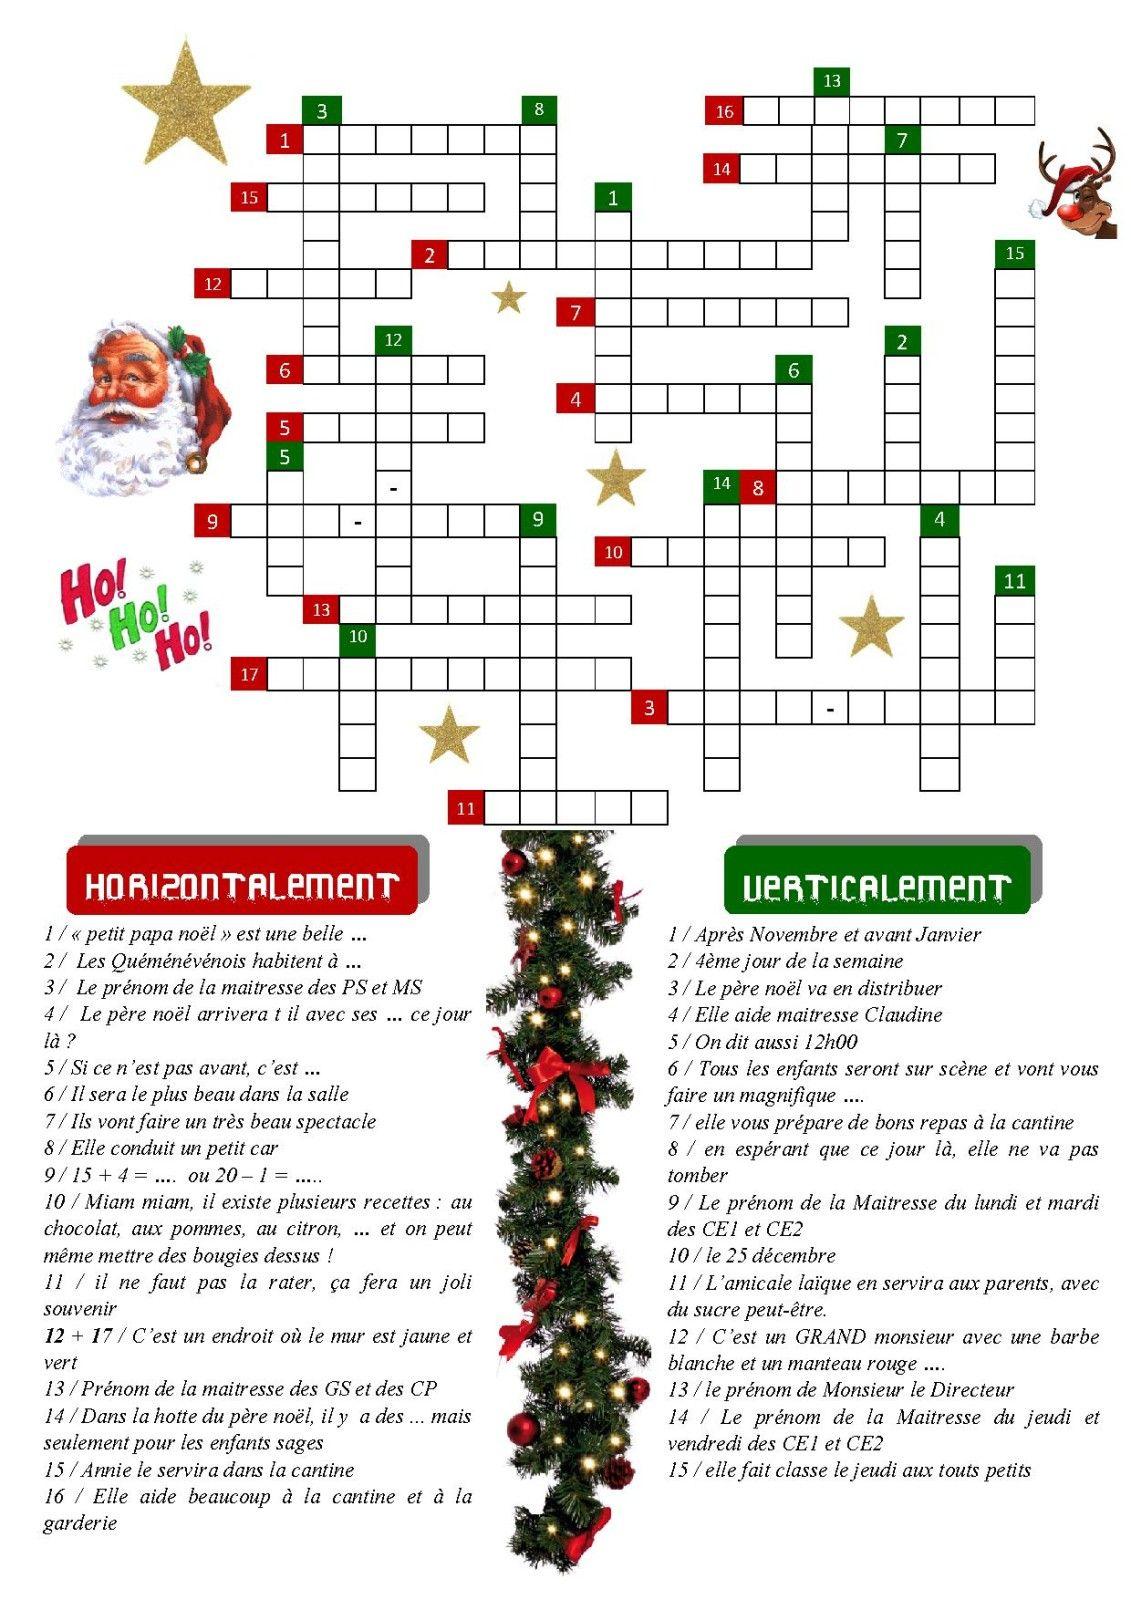 Mots Meles Noel Cm2 (Avec Images) | Jeux Noel, Noel, Mots De dedans Mots Croisés Noel